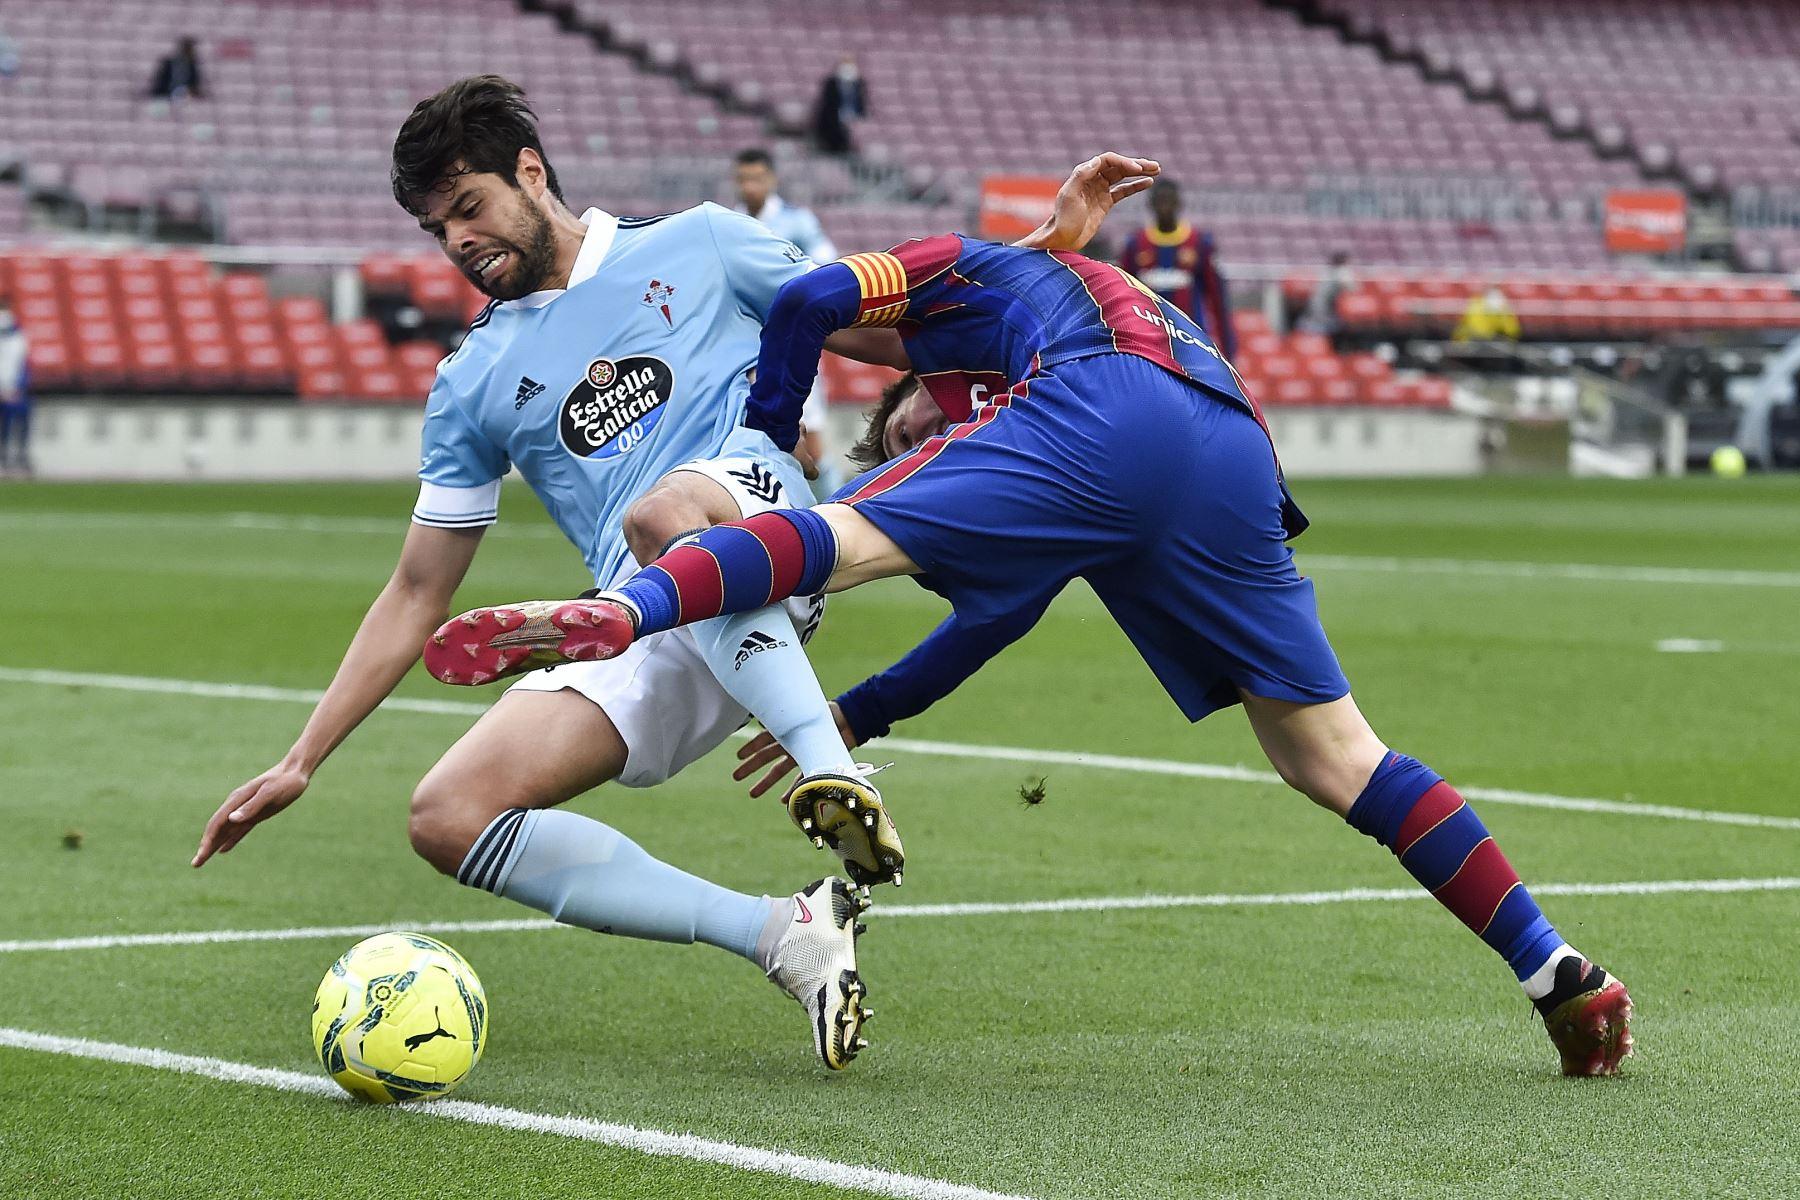 El delantero argentino del Barcelona Lionel Messi compite con el defensor mexicano del Celta Nestor Araujo durante el partido de fútbol de la Liga española entre el FC Barcelona y el RC Celta de Vigo. Foto: AFP